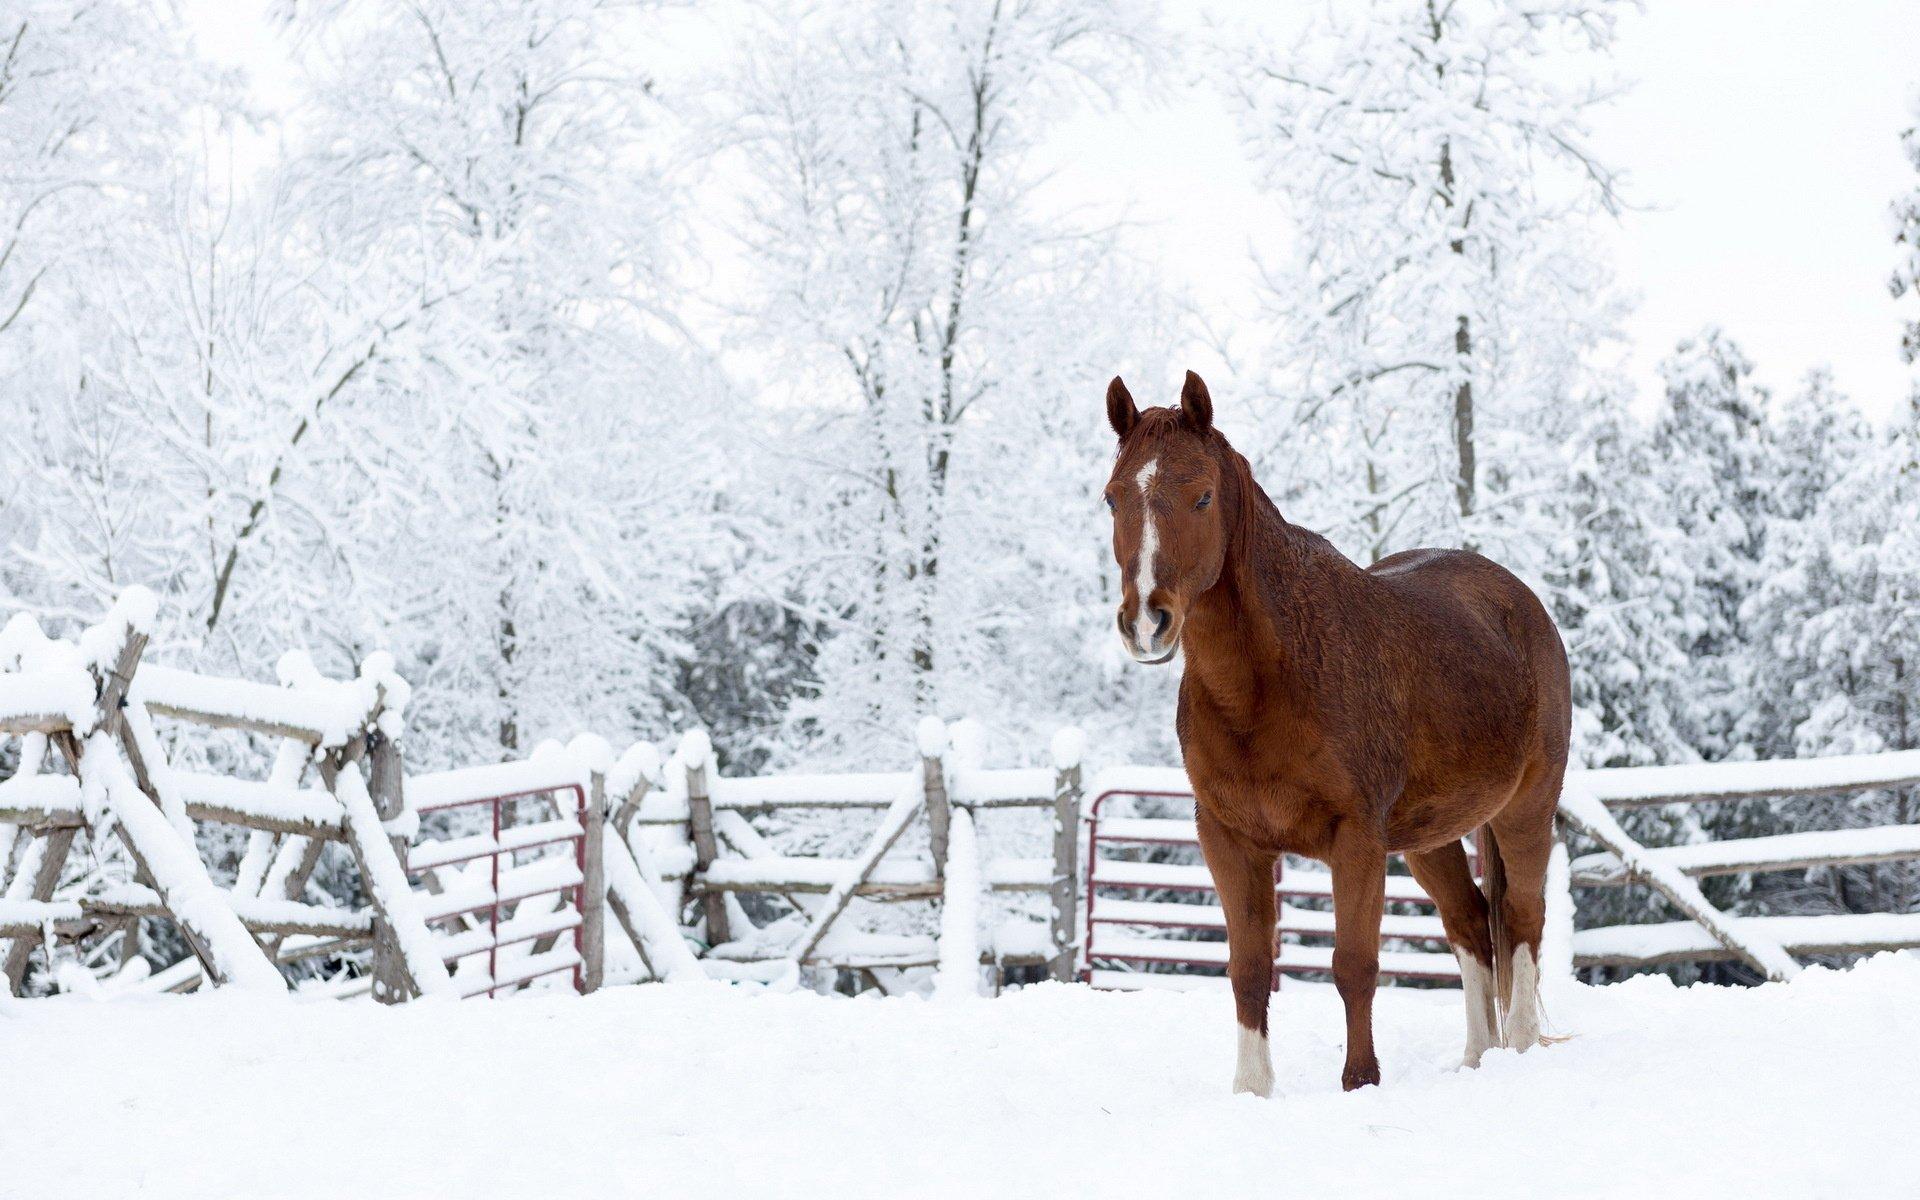 Snow horse nature winter wallpaper 1920x1200 360297 WallpaperUP 1920x1200